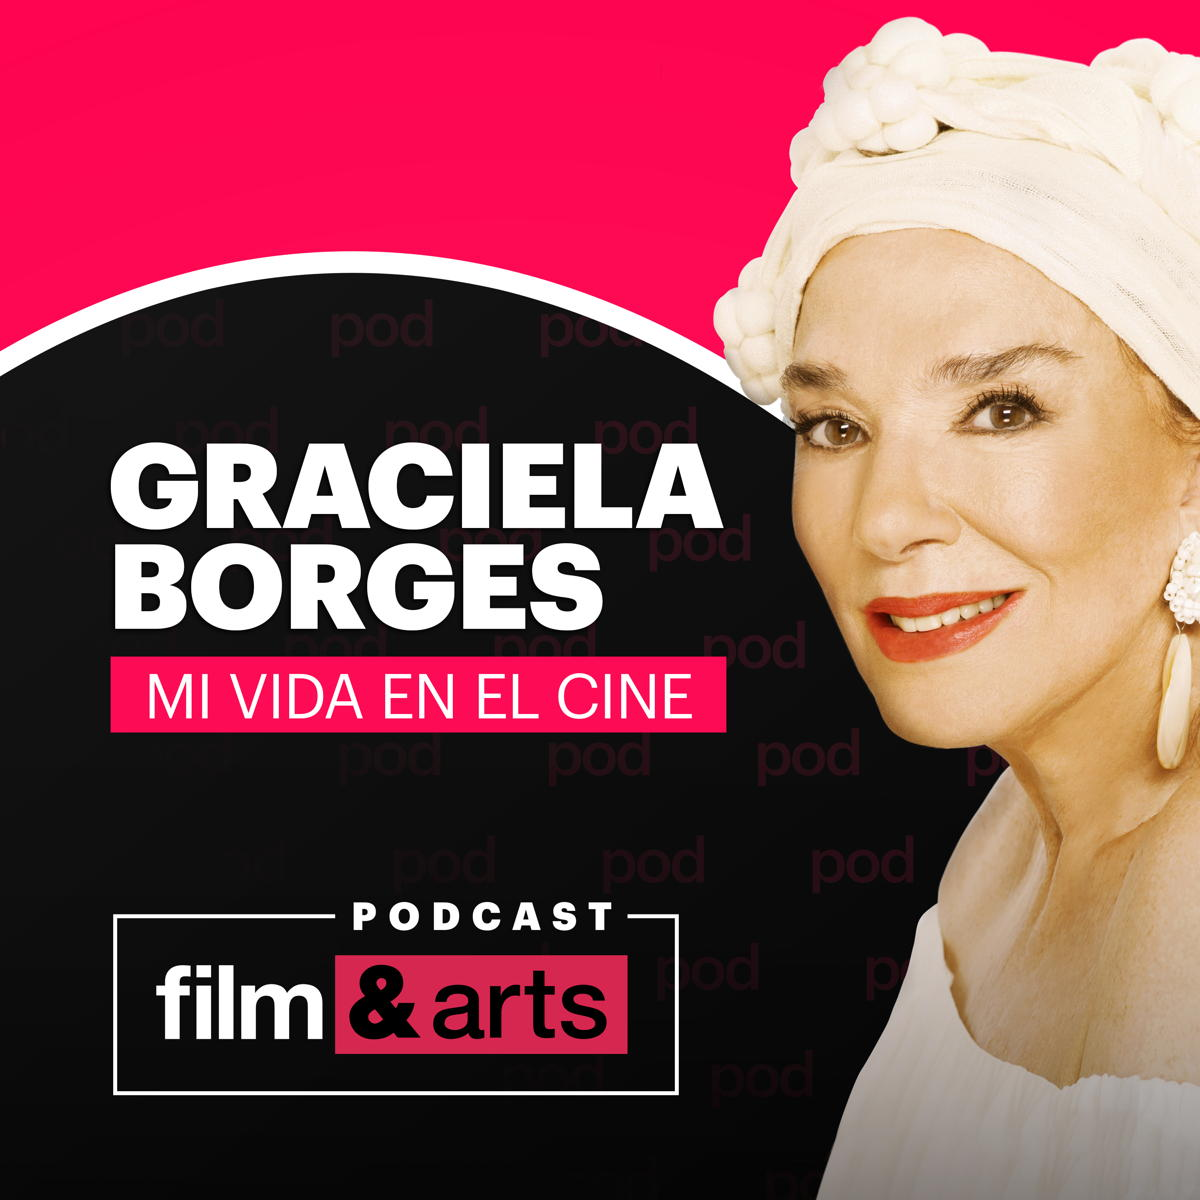 Graciela Borges: Mi vida en el cine